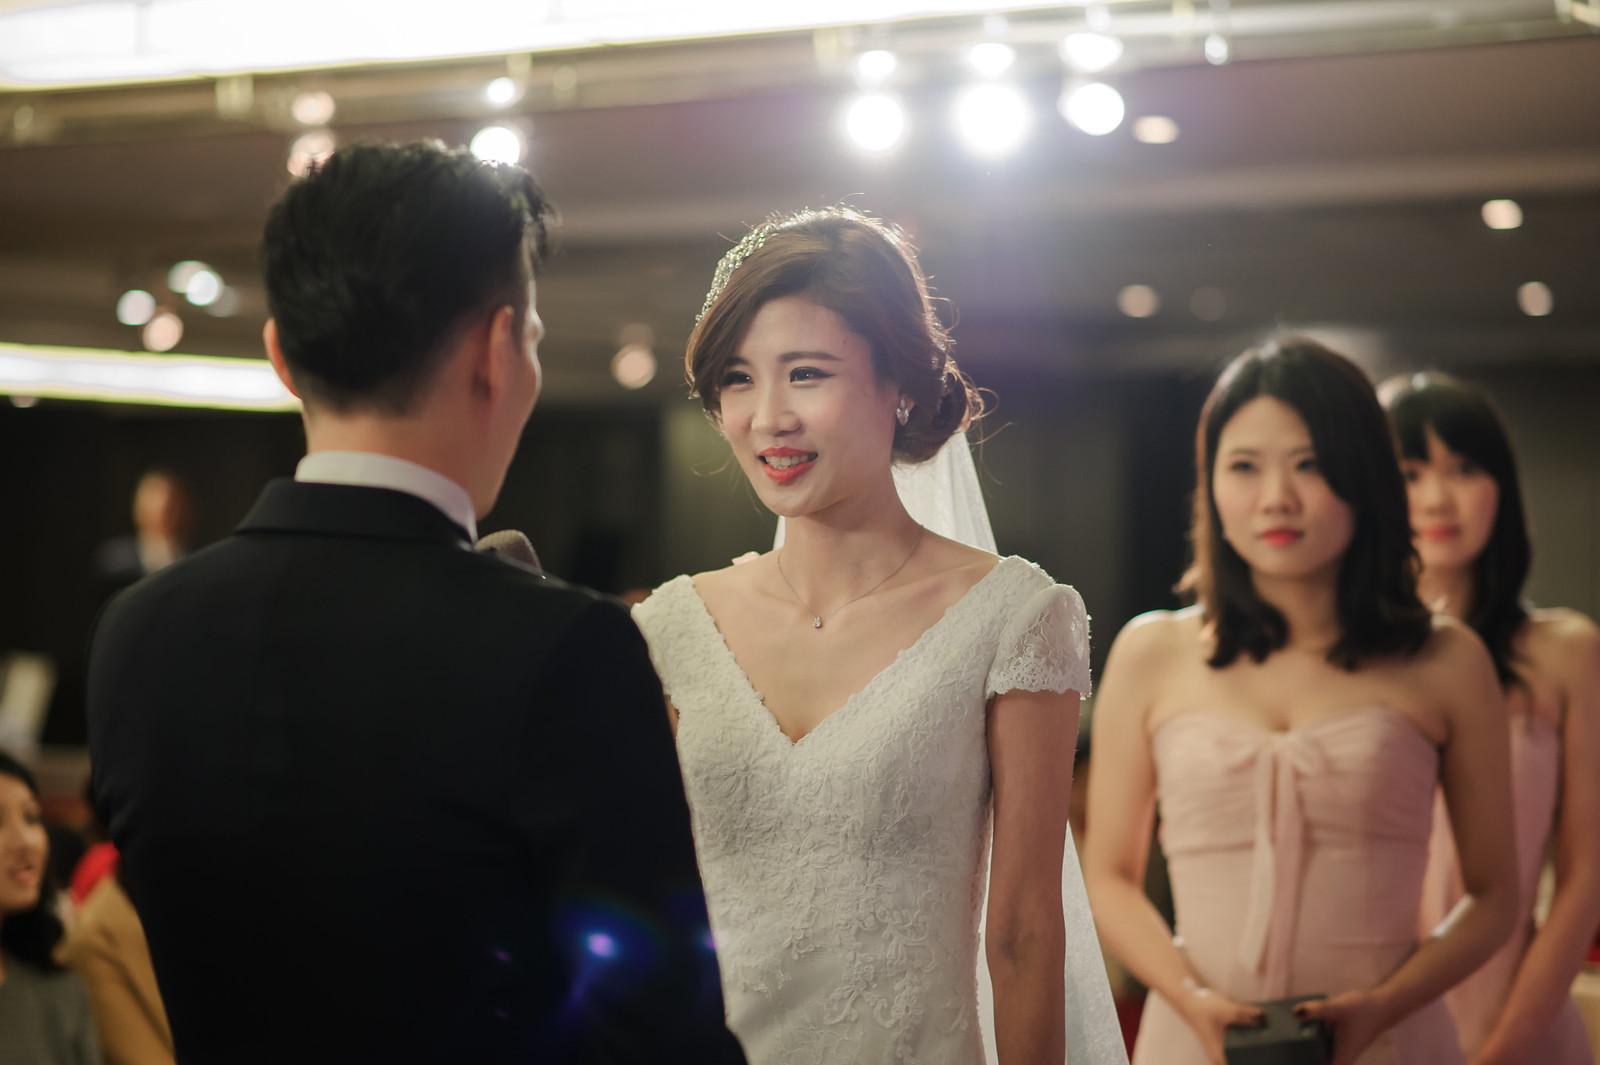 台北婚攝, 婚禮攝影, 婚攝, 婚攝守恆, 婚攝推薦, 晶華酒店, 晶華酒店婚宴, 晶華酒店婚攝-41